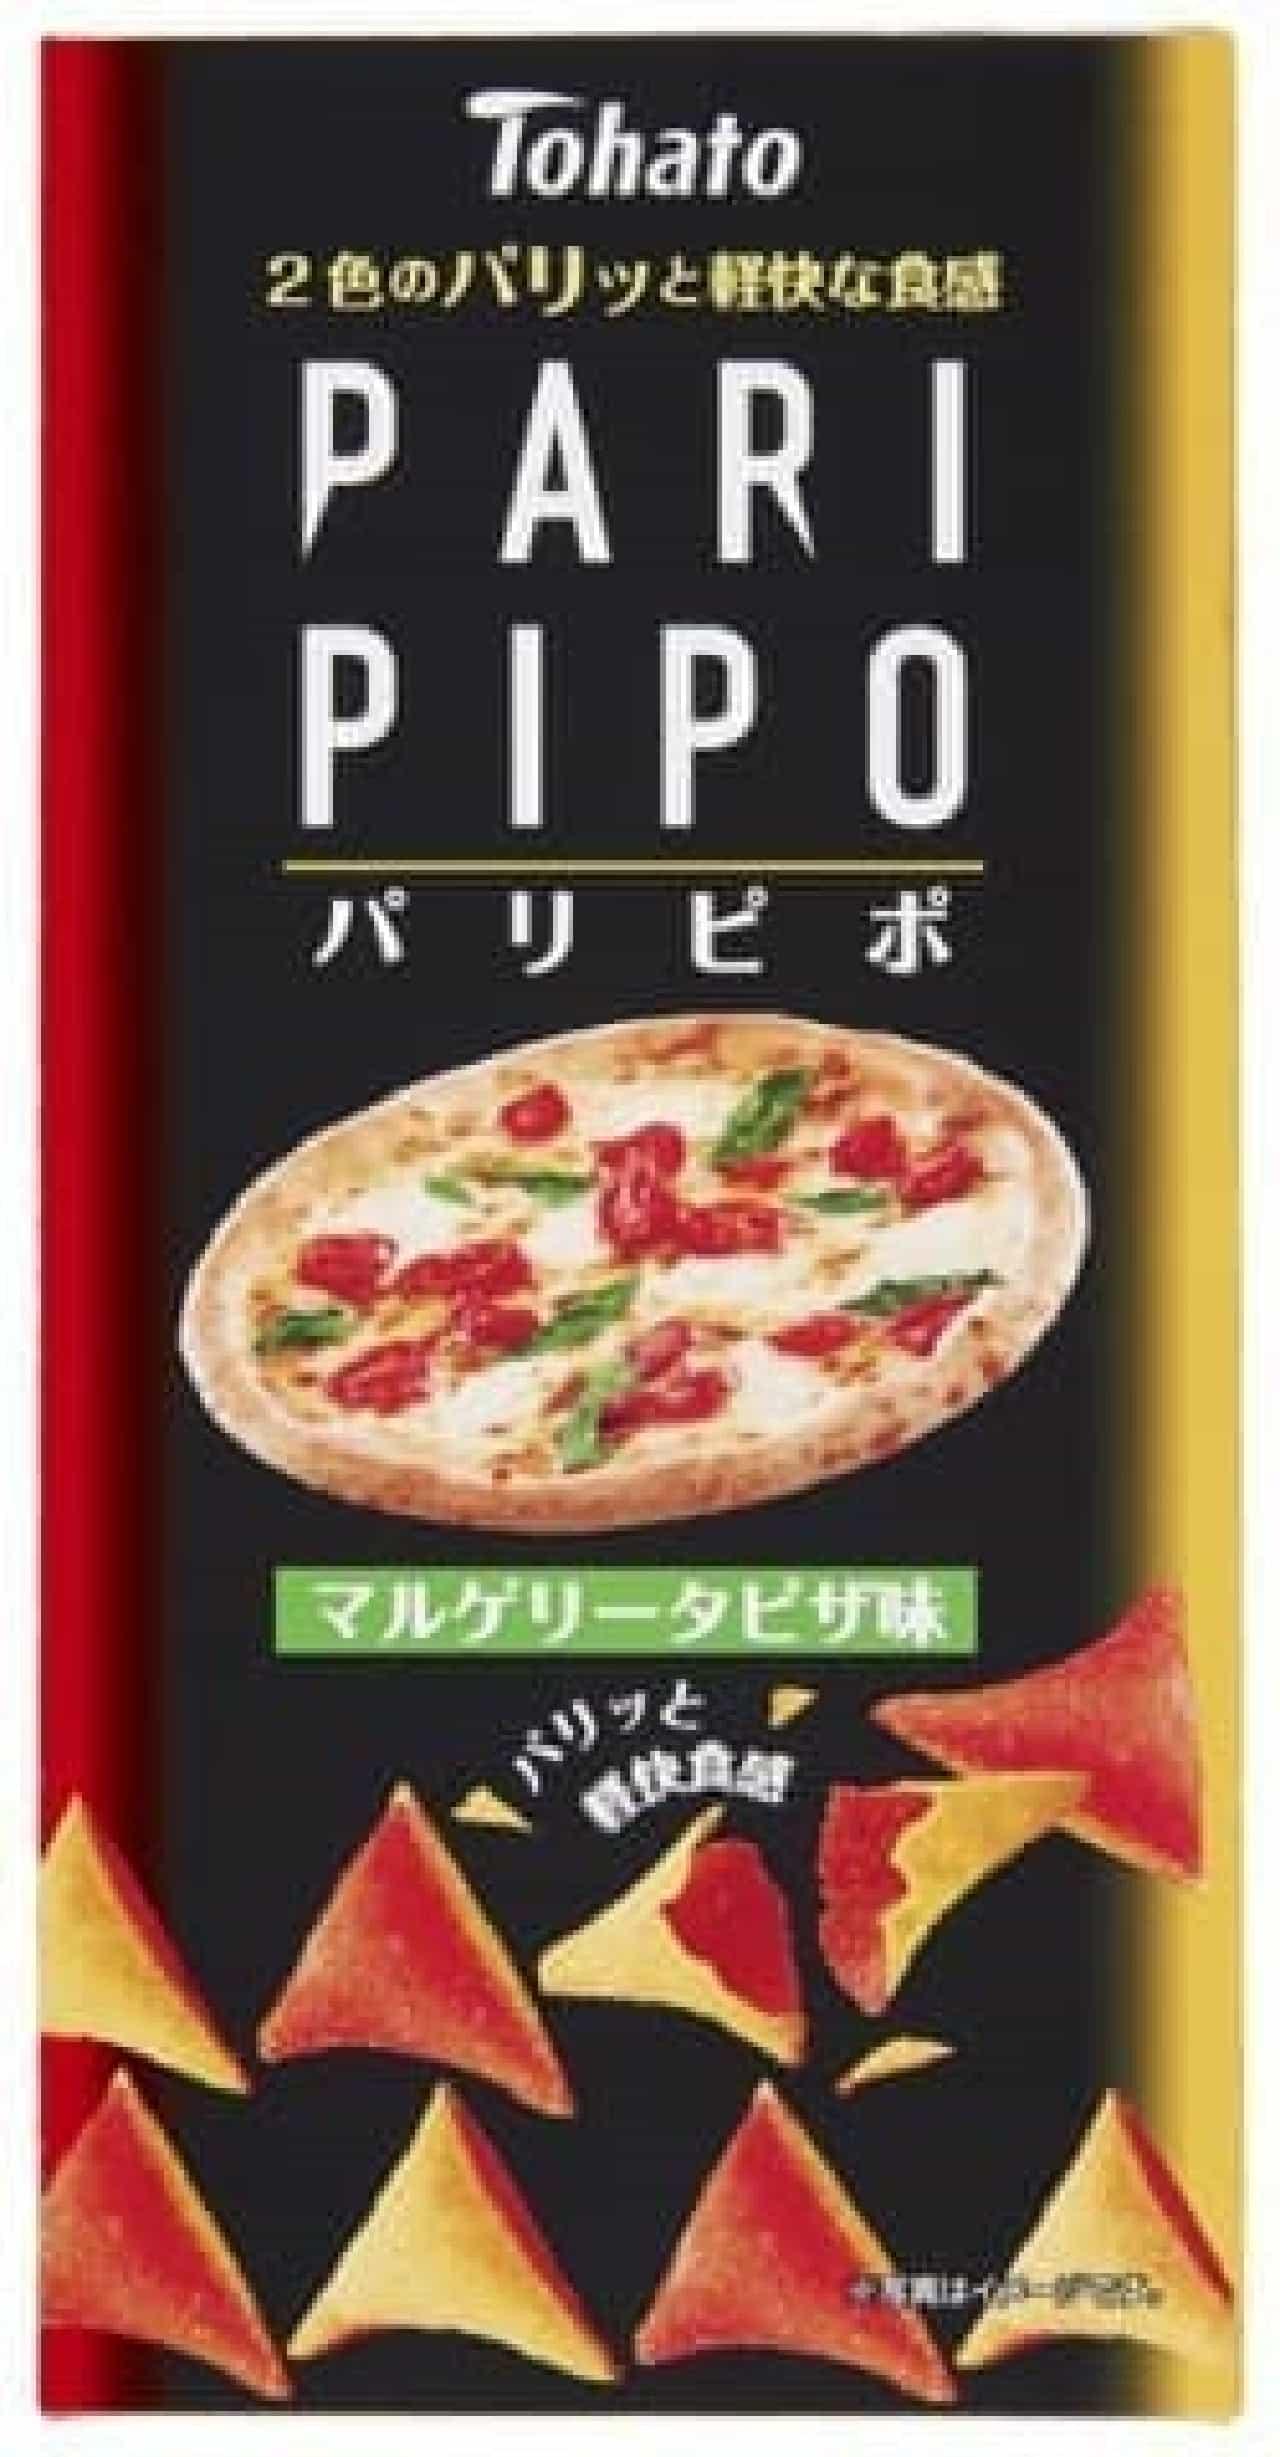 東ハト「パリピポ・マルゲリータピザ味」